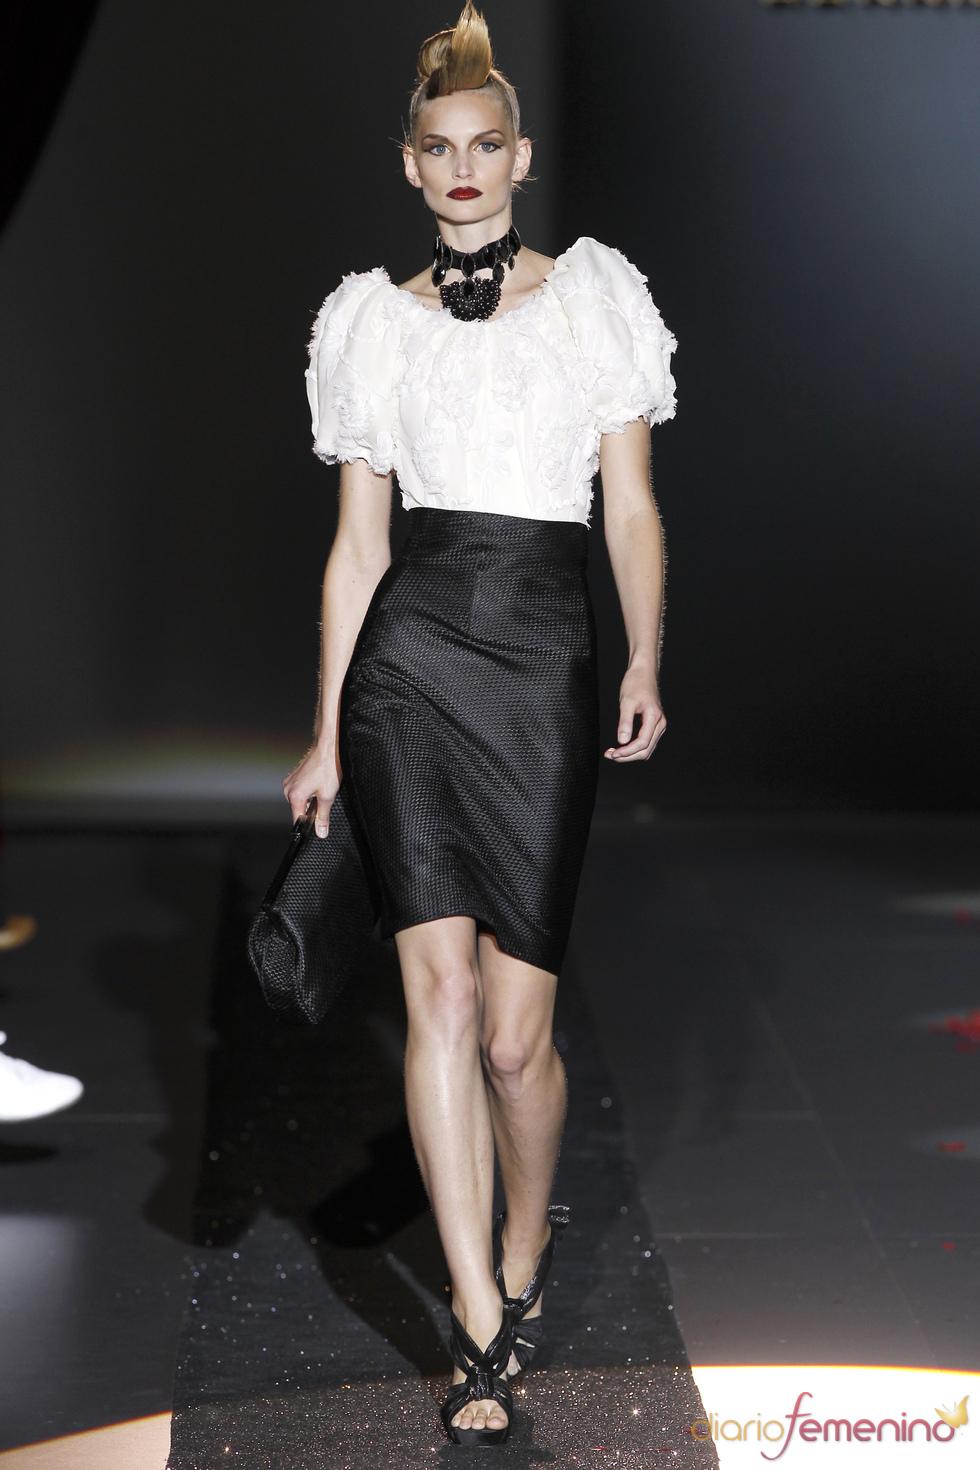 Cibeles Madrid Fashion Week 09-2010: Hannibal Laguna